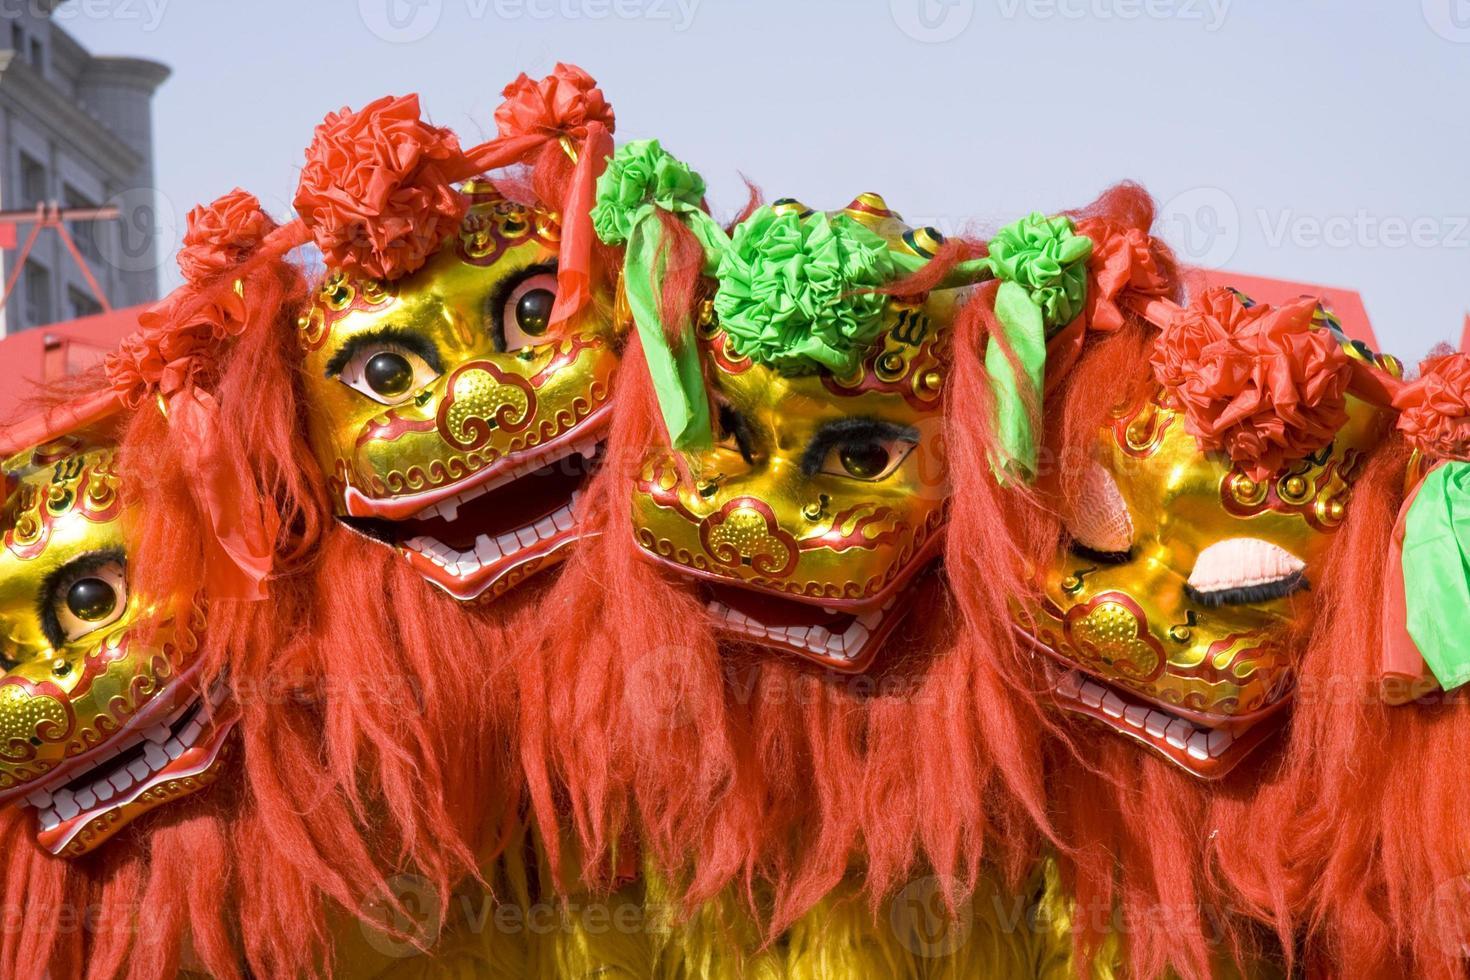 leão chinês colorido dançando e se movendo nas ruas foto